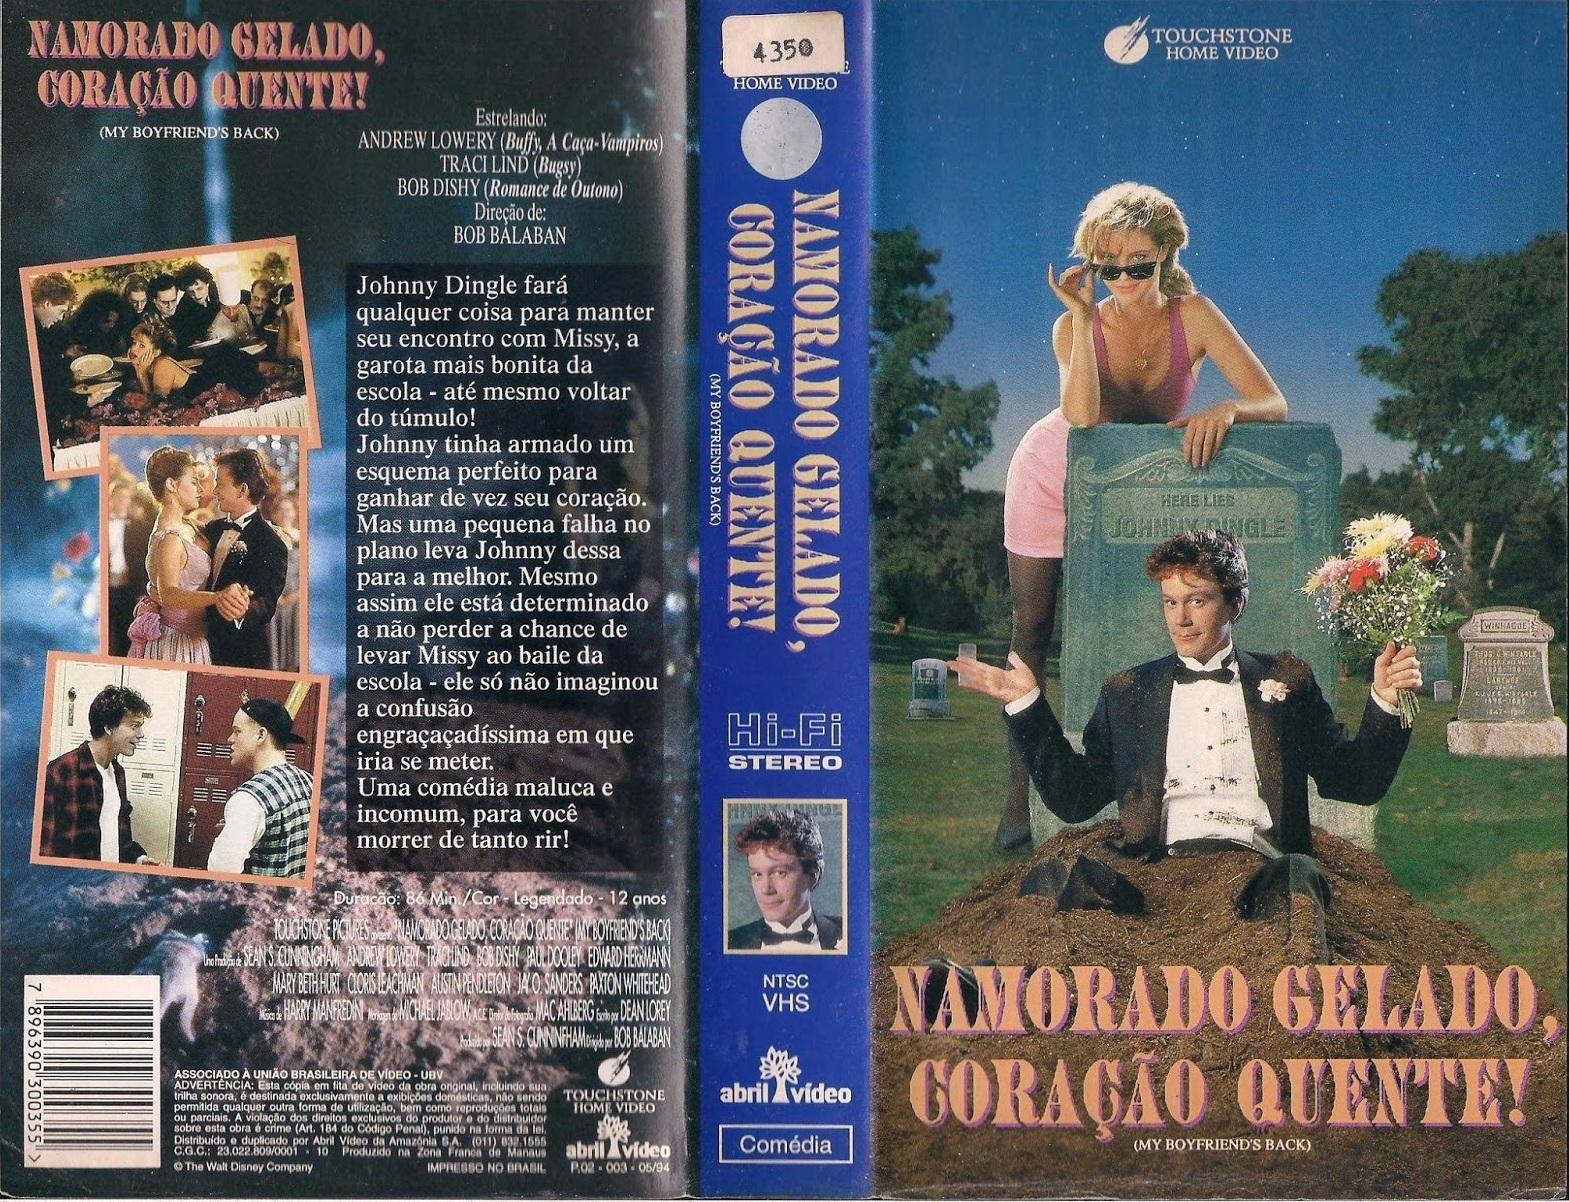 VHS - O Último Reduto: Namorado Gelado, Coração Quente!